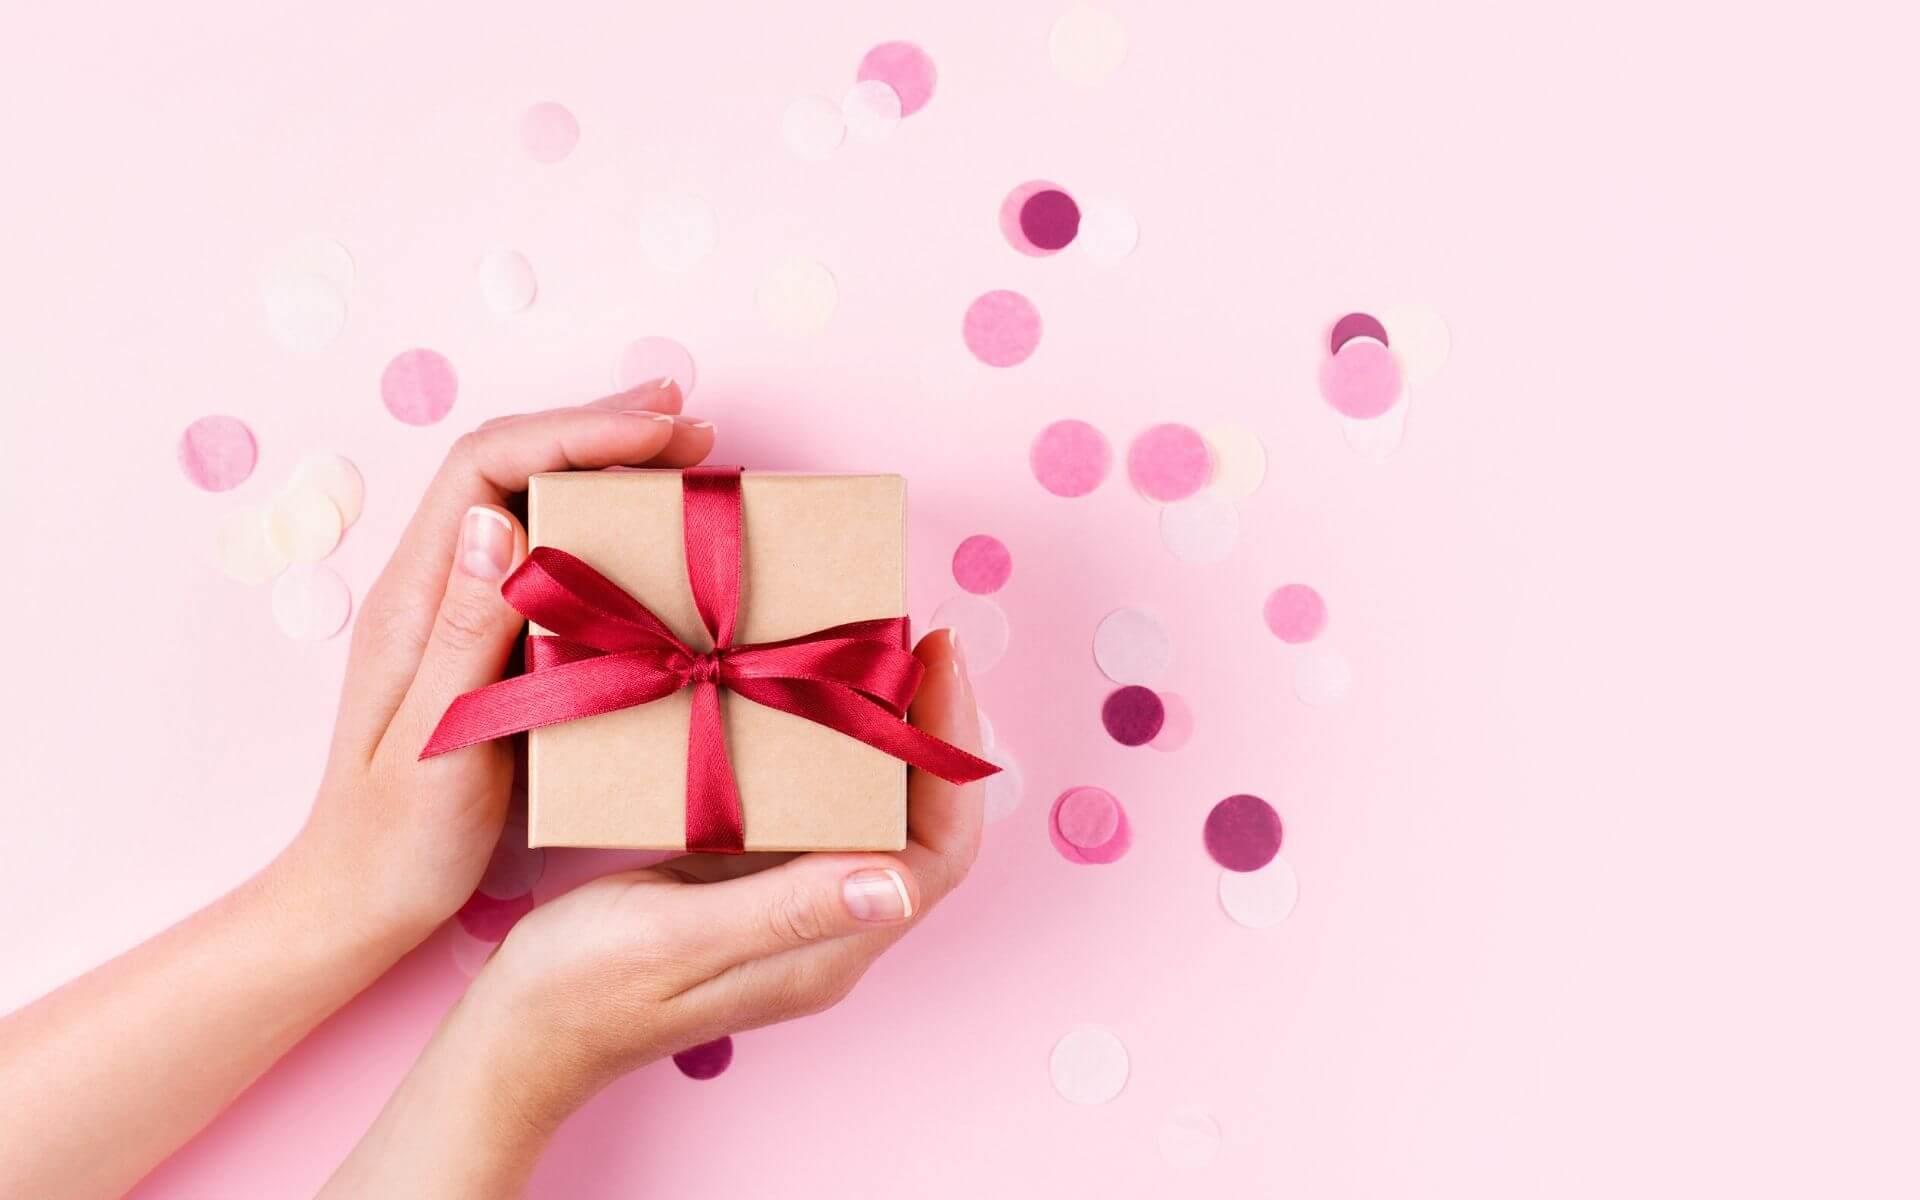 Partnergeschenke: Die besten Geschenke für deine Partnerin zu jedem Anlass